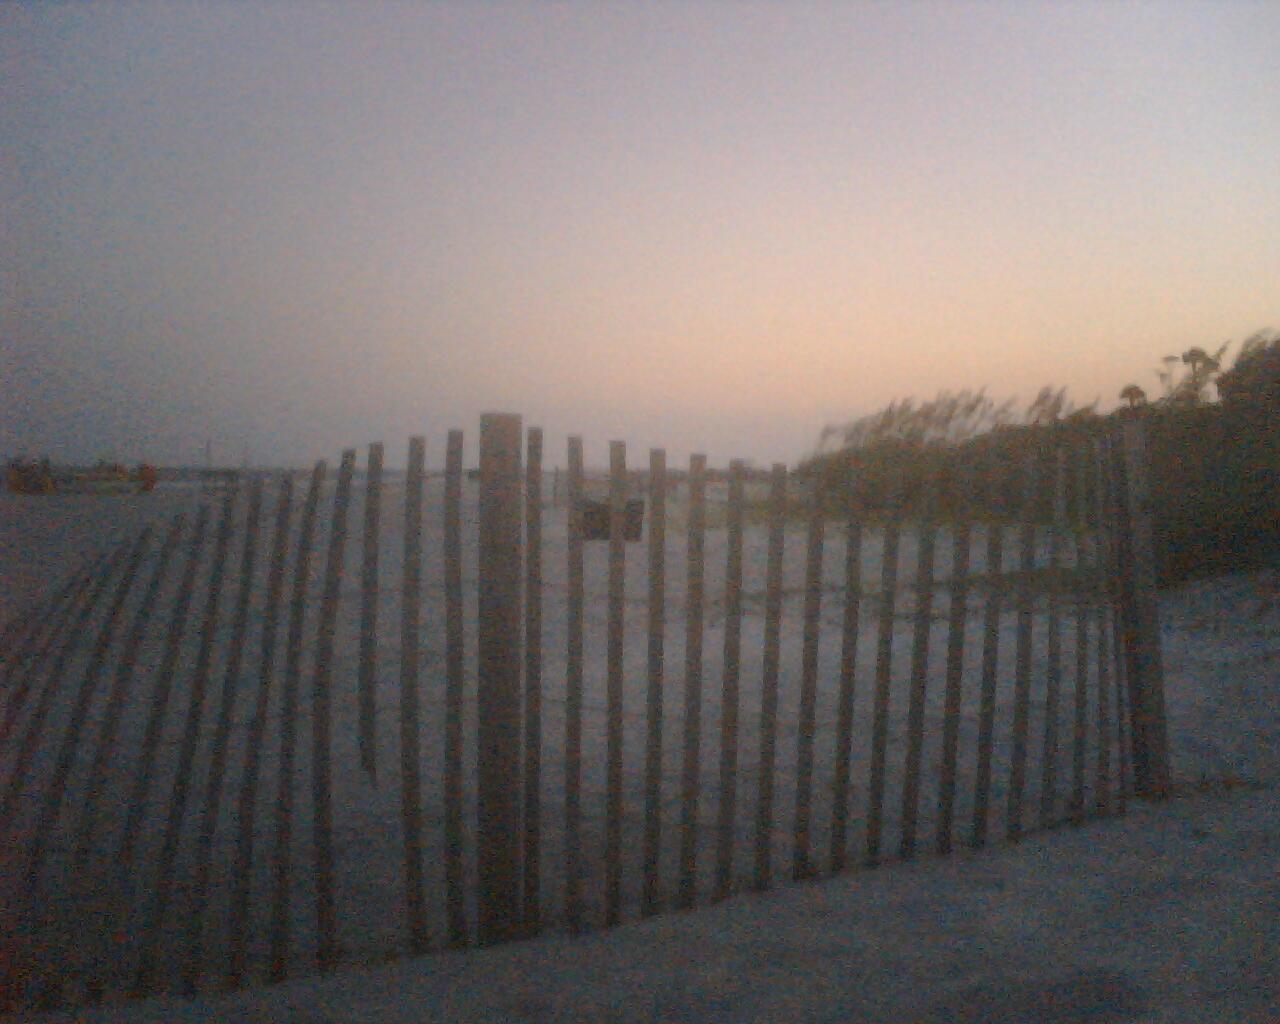 IMG00425-hilton_head_beach_dusk